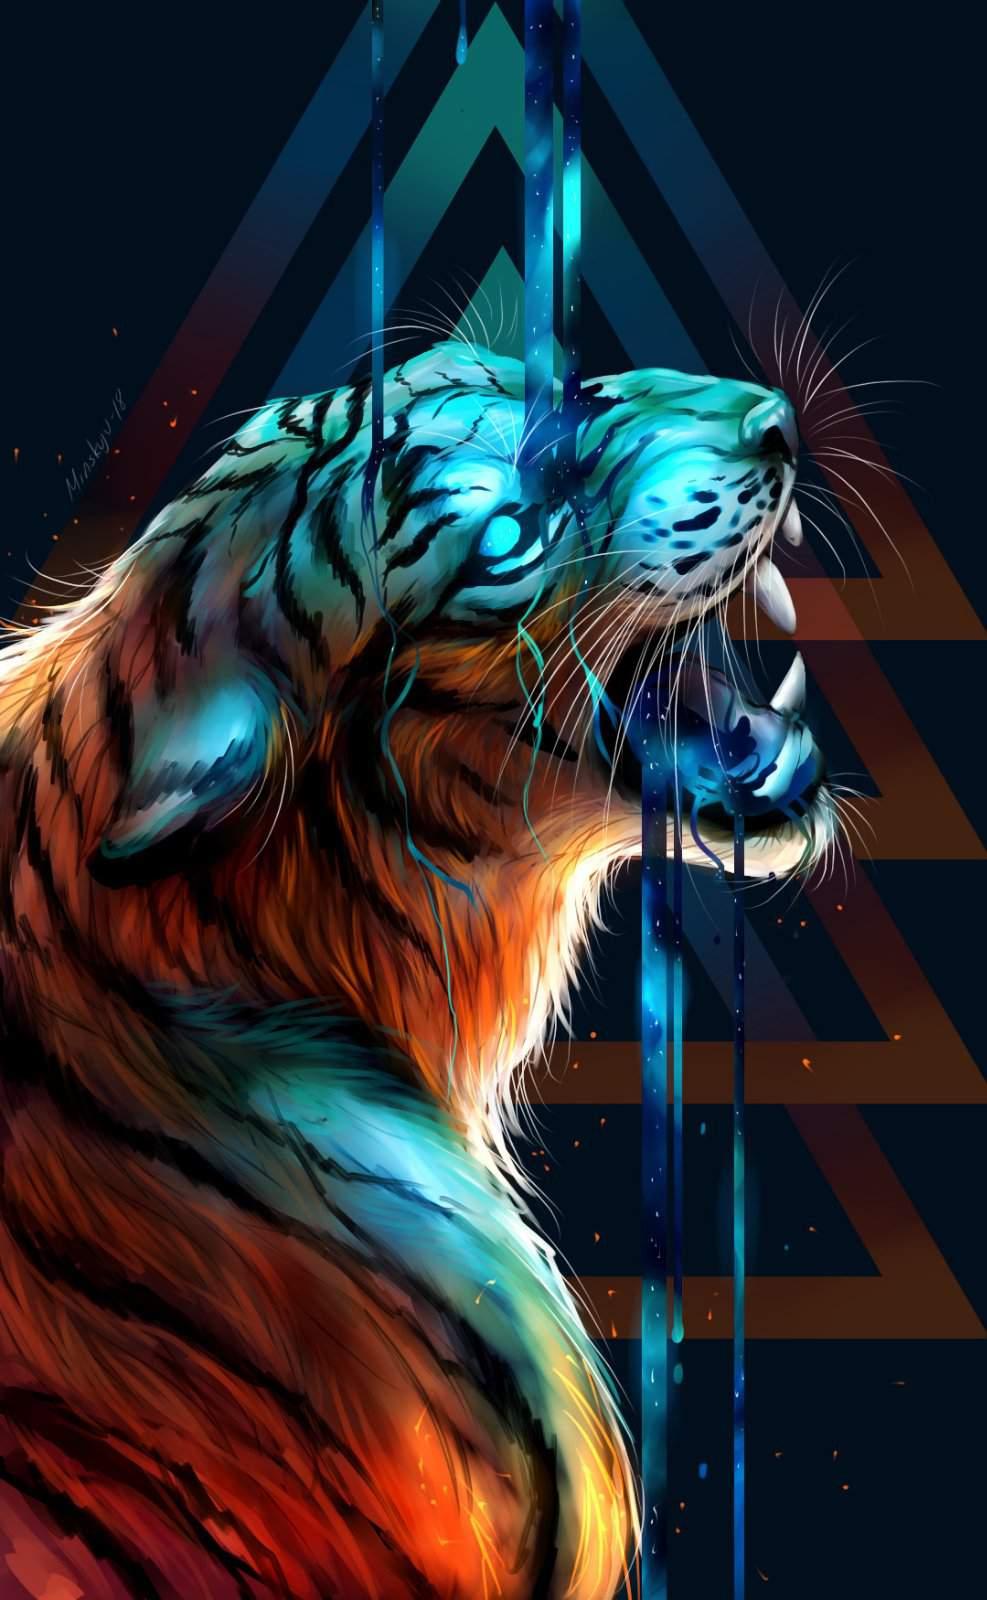 Hình nền con hổ 3D cho điện thoại